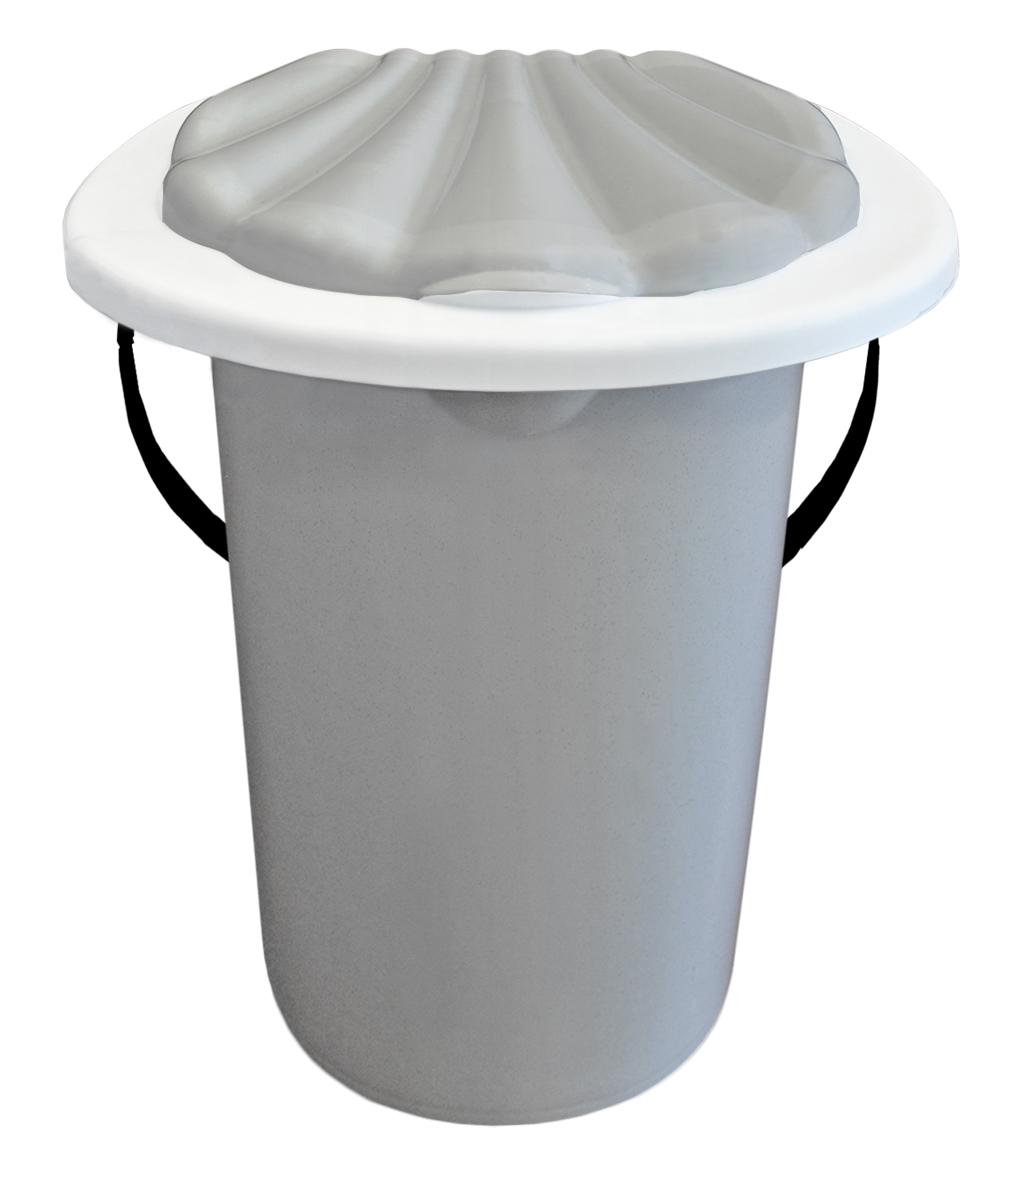 Ведро-туалет InGreen, цвет: мраморный, 20 л ведро эмалированное кмк с крышкой с поддоном 10 л